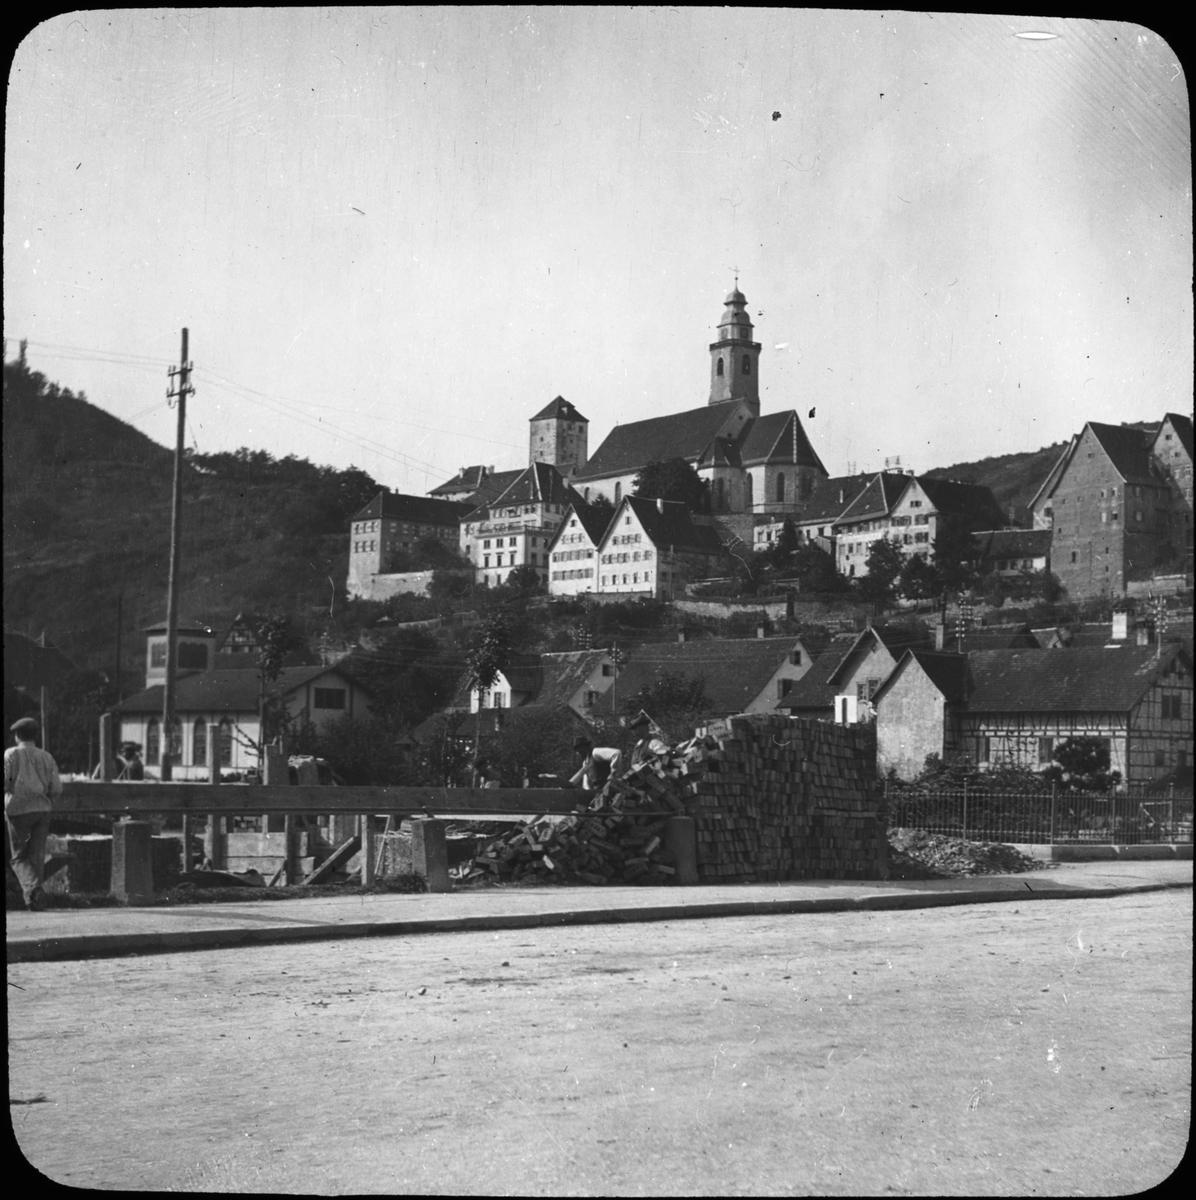 Skioptikonbild med motiv av husbygge vid Horb am Neckar. Bilden har förvarats i kartong märkt: Resan 1908. Tübingen 3. Horb.